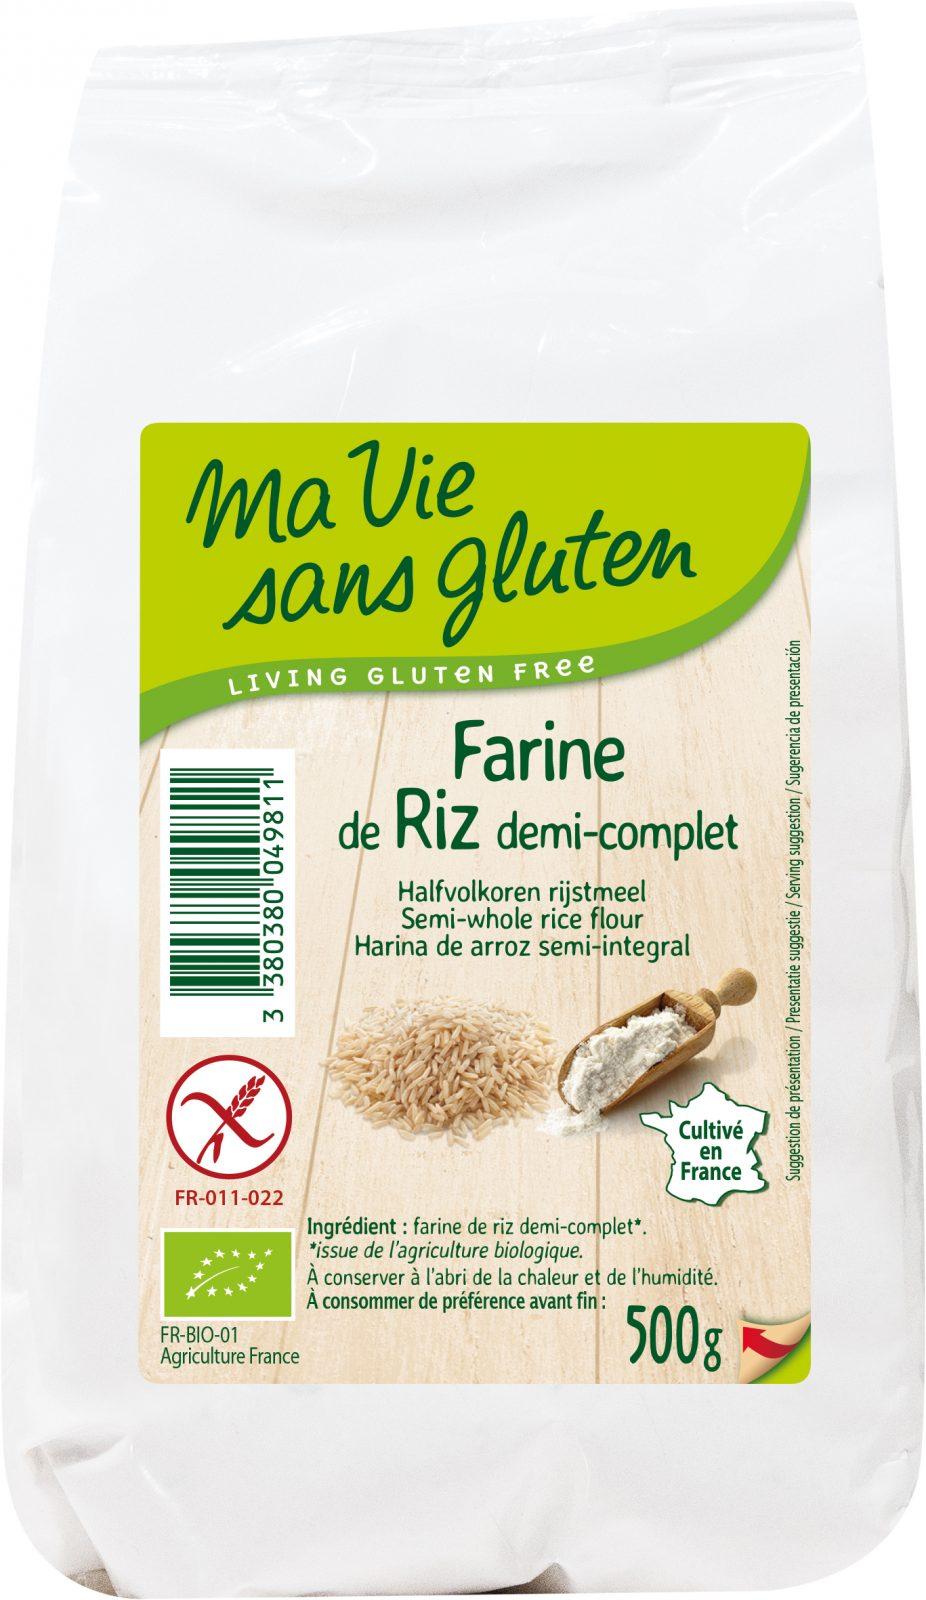 Achat produit farines sans gluten et bio : Farine de riz demi-complète